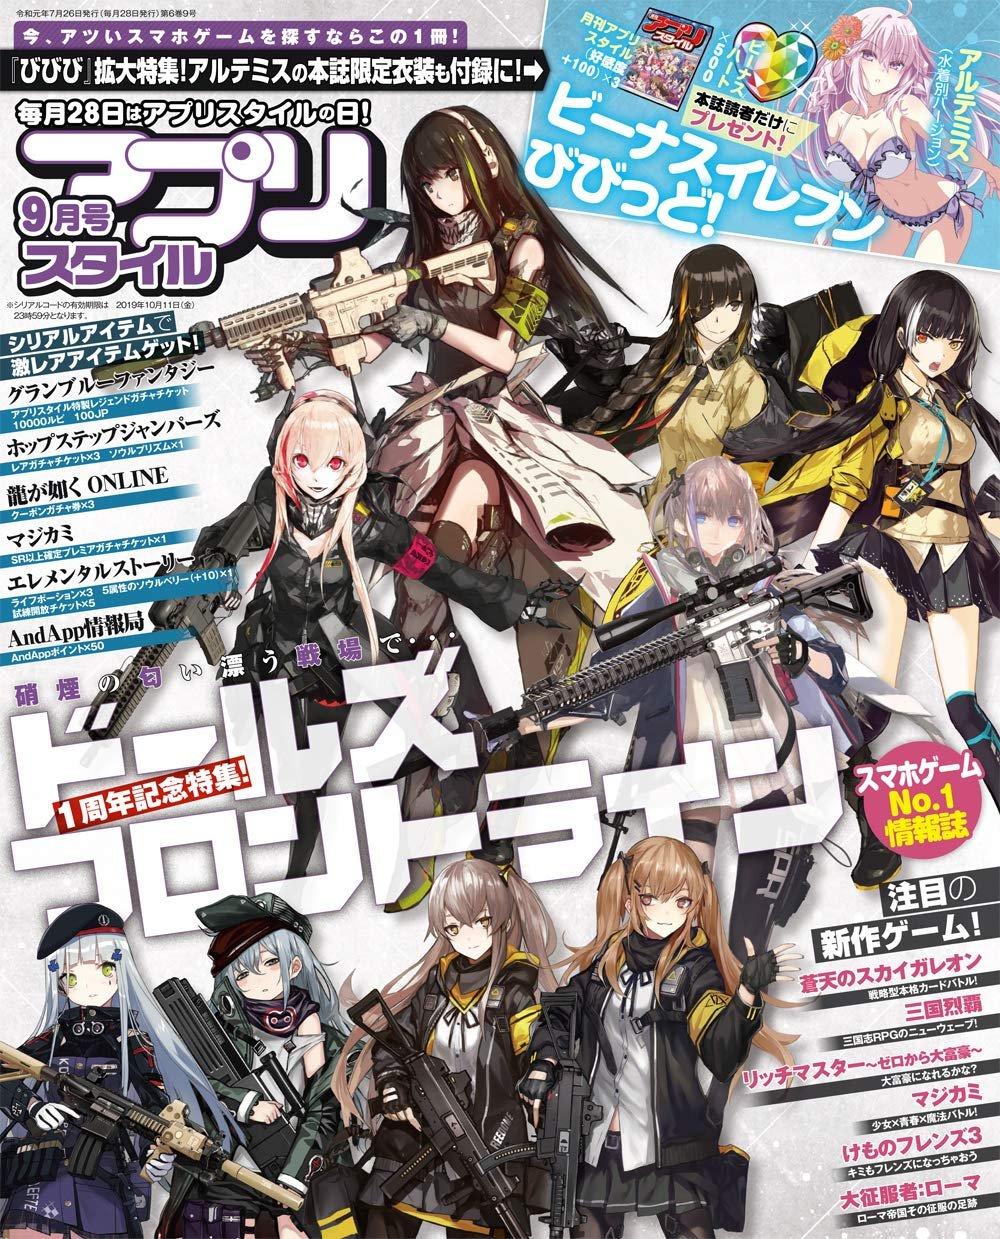 Appli Style Issue 077 (September 2019)